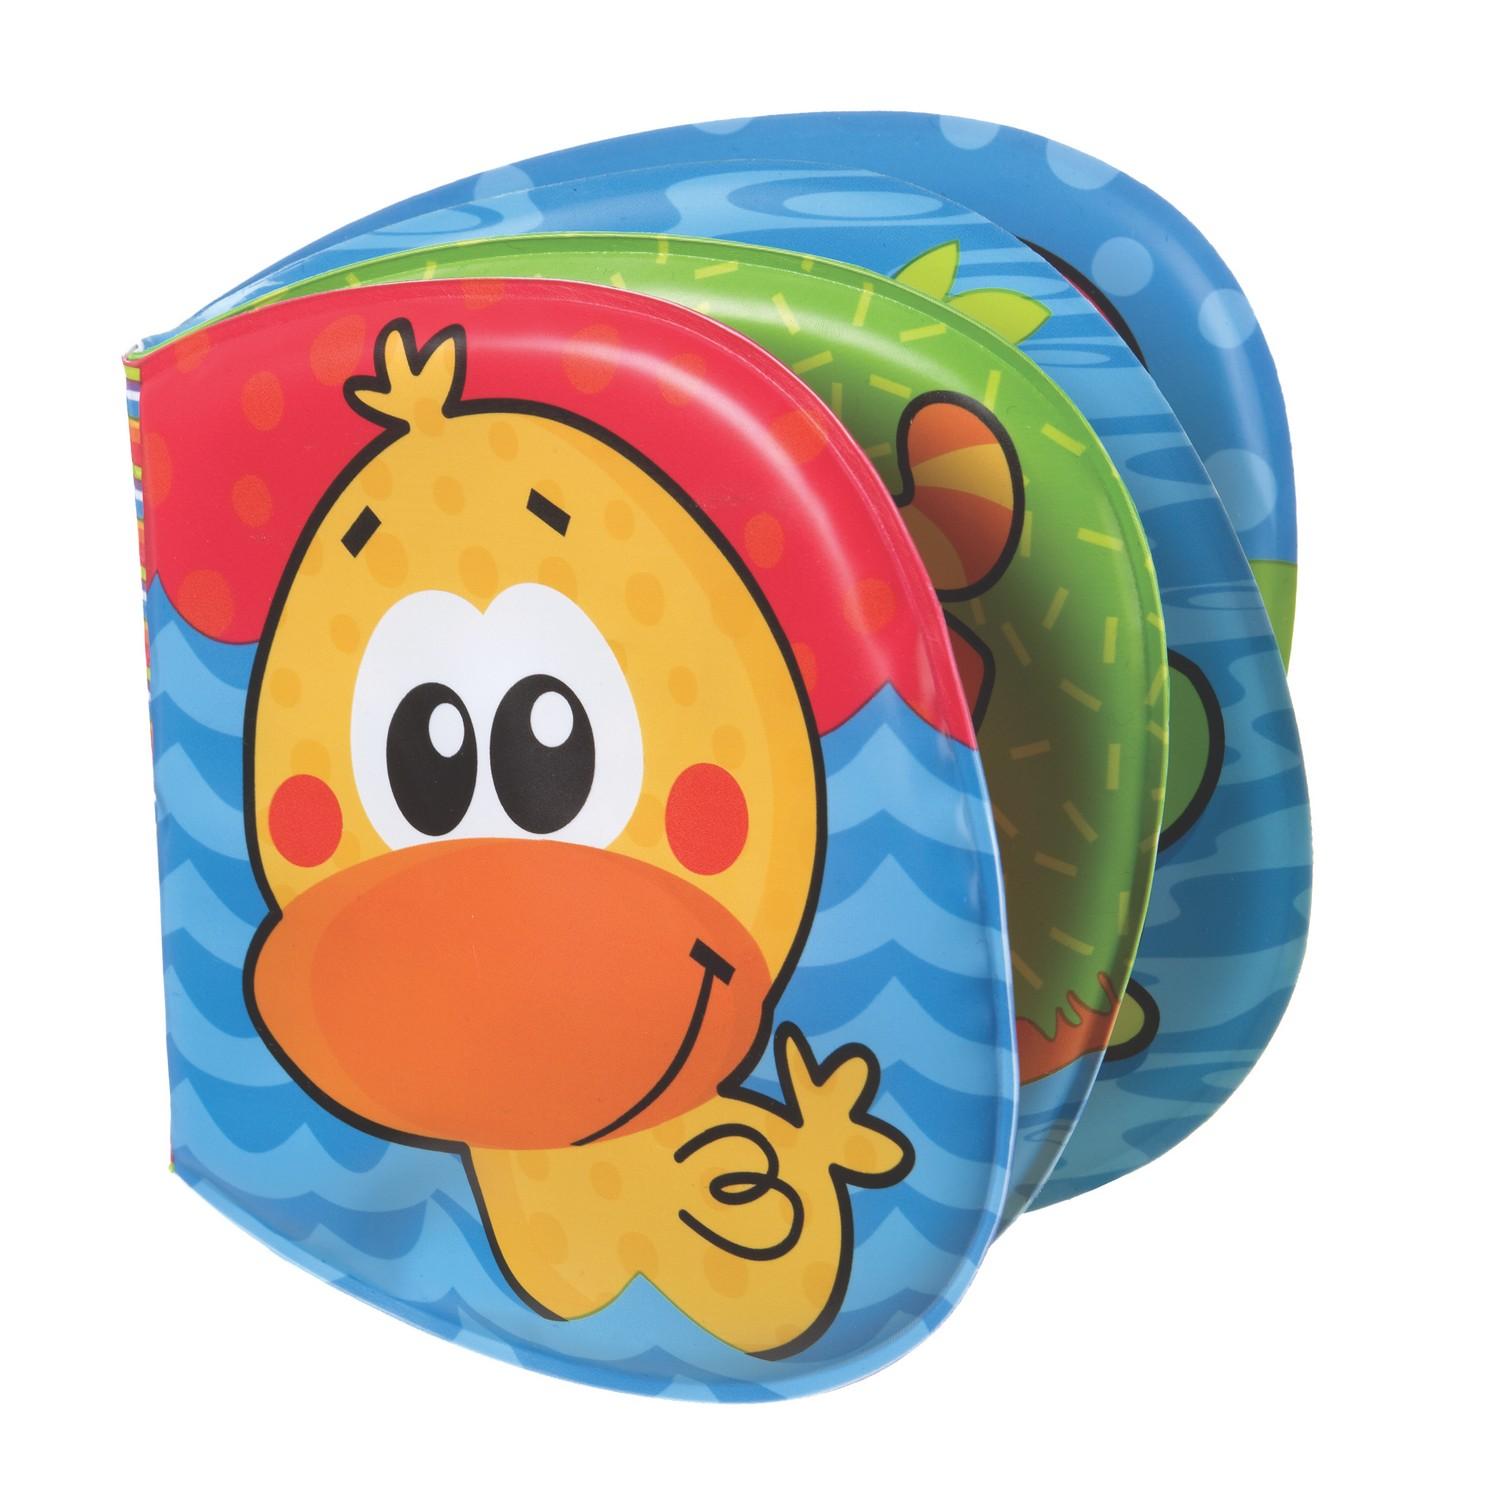 Playgro   Playgro Girls Garden Bath Book Multicolor